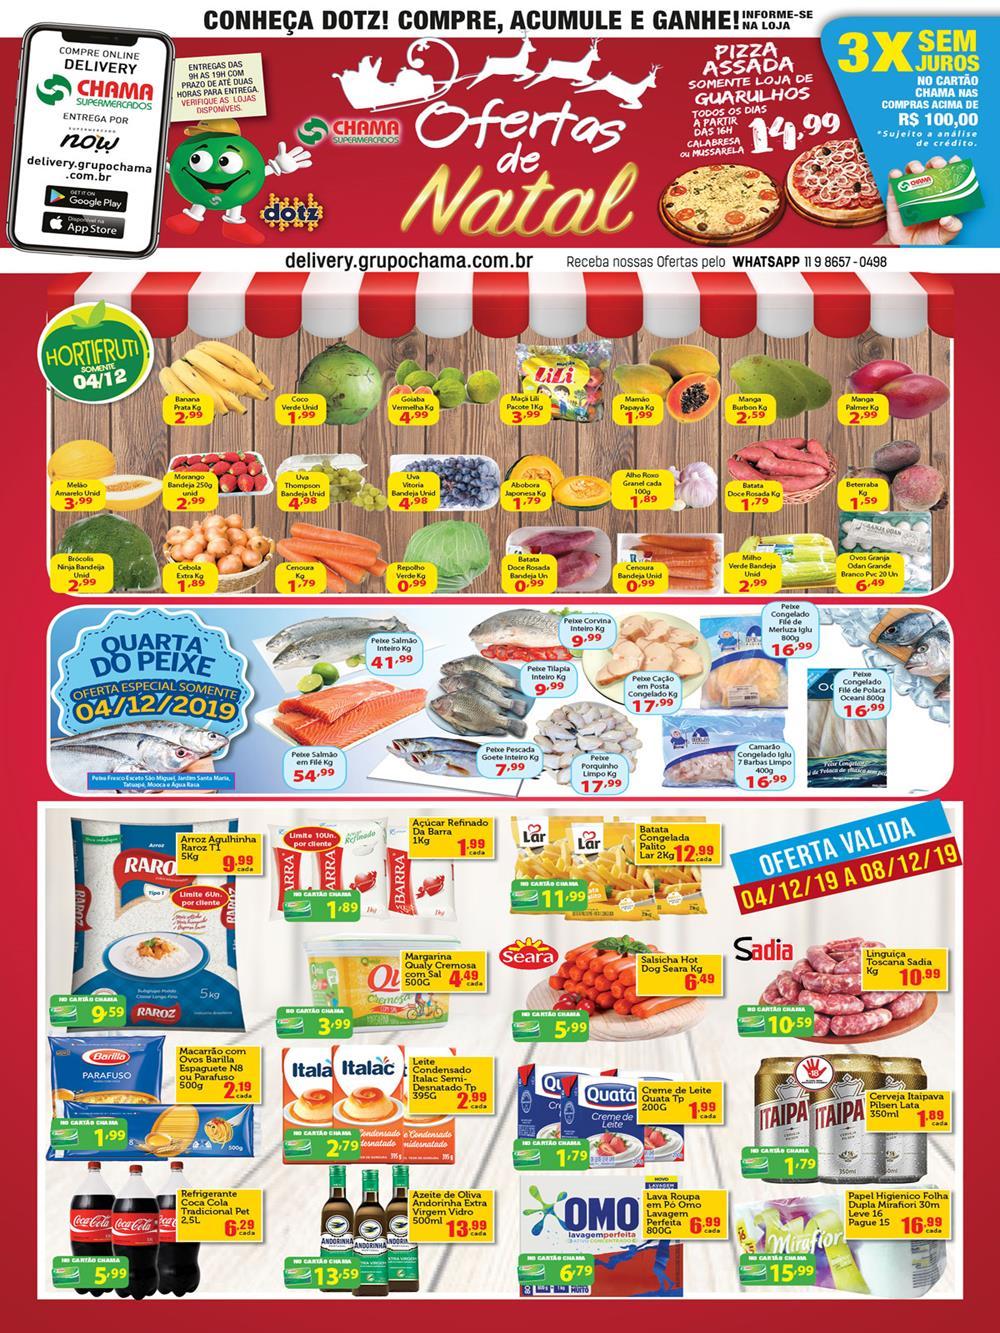 chama-ofertas-tabloide1 Ofertas de supermercados - Black Friday 2019